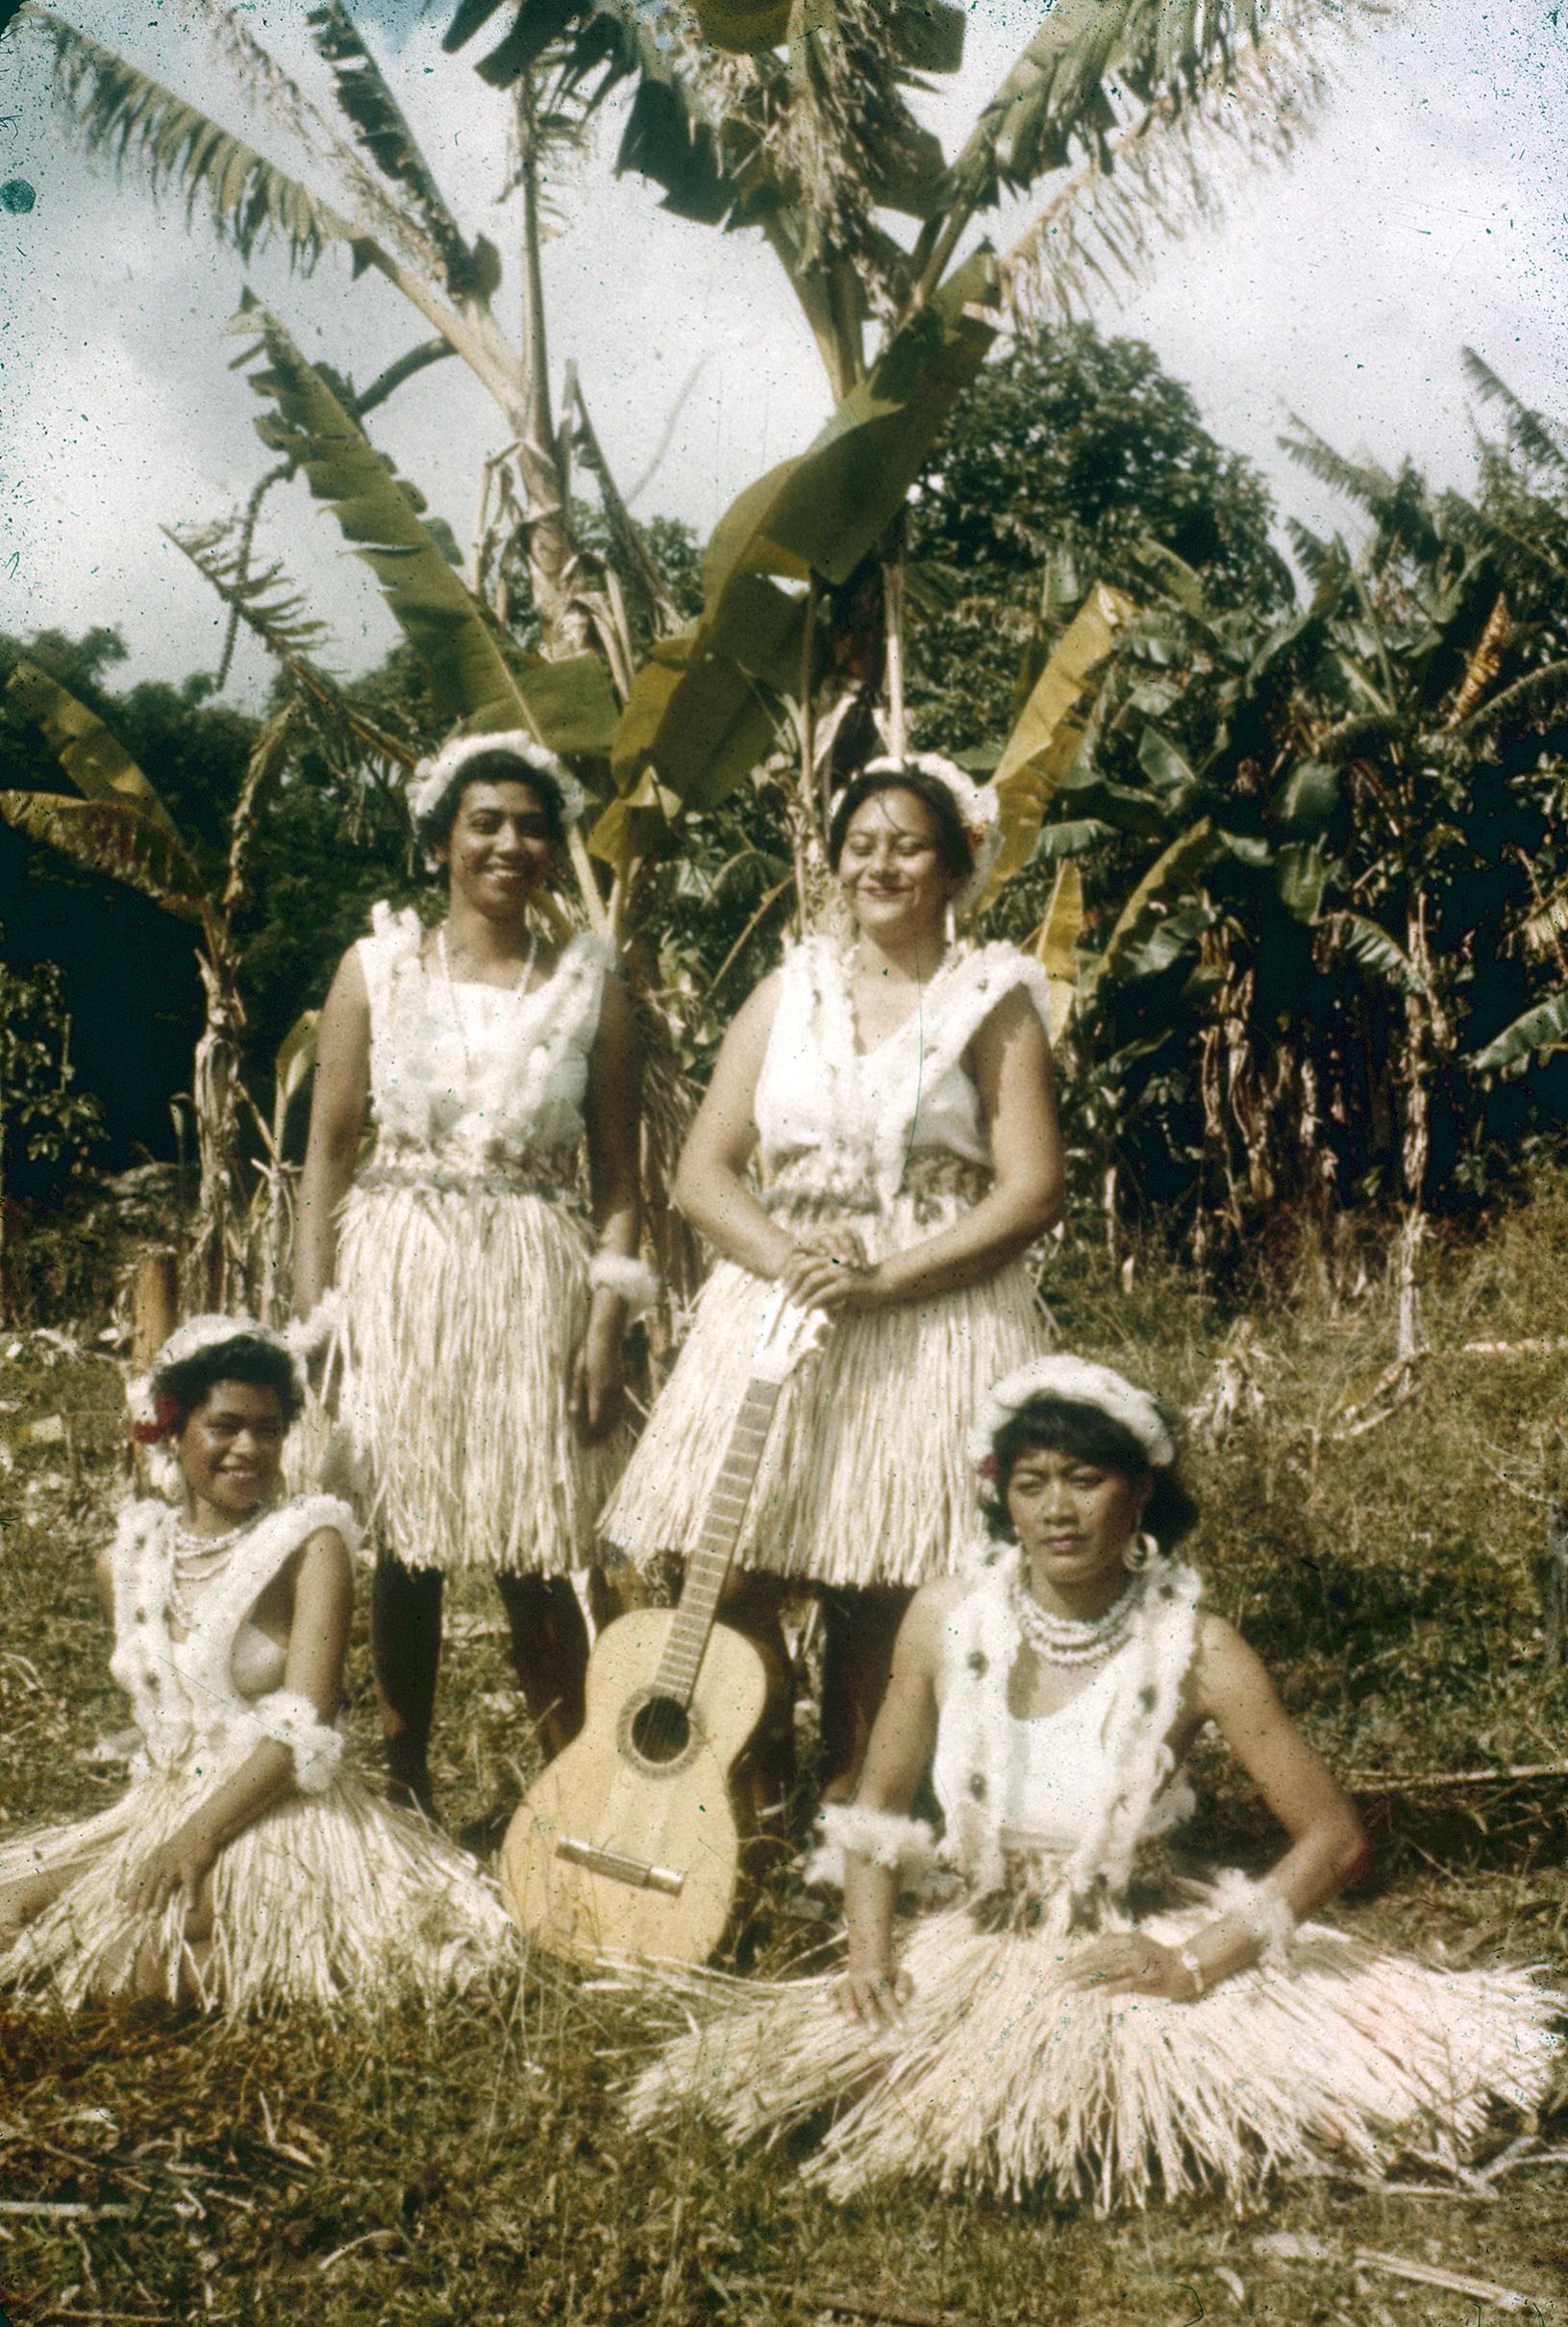 Enterreno - Fotos históricas de chile - fotos antiguas de Chile - nativos en un lugar desconocido de isla de pascua años 60s